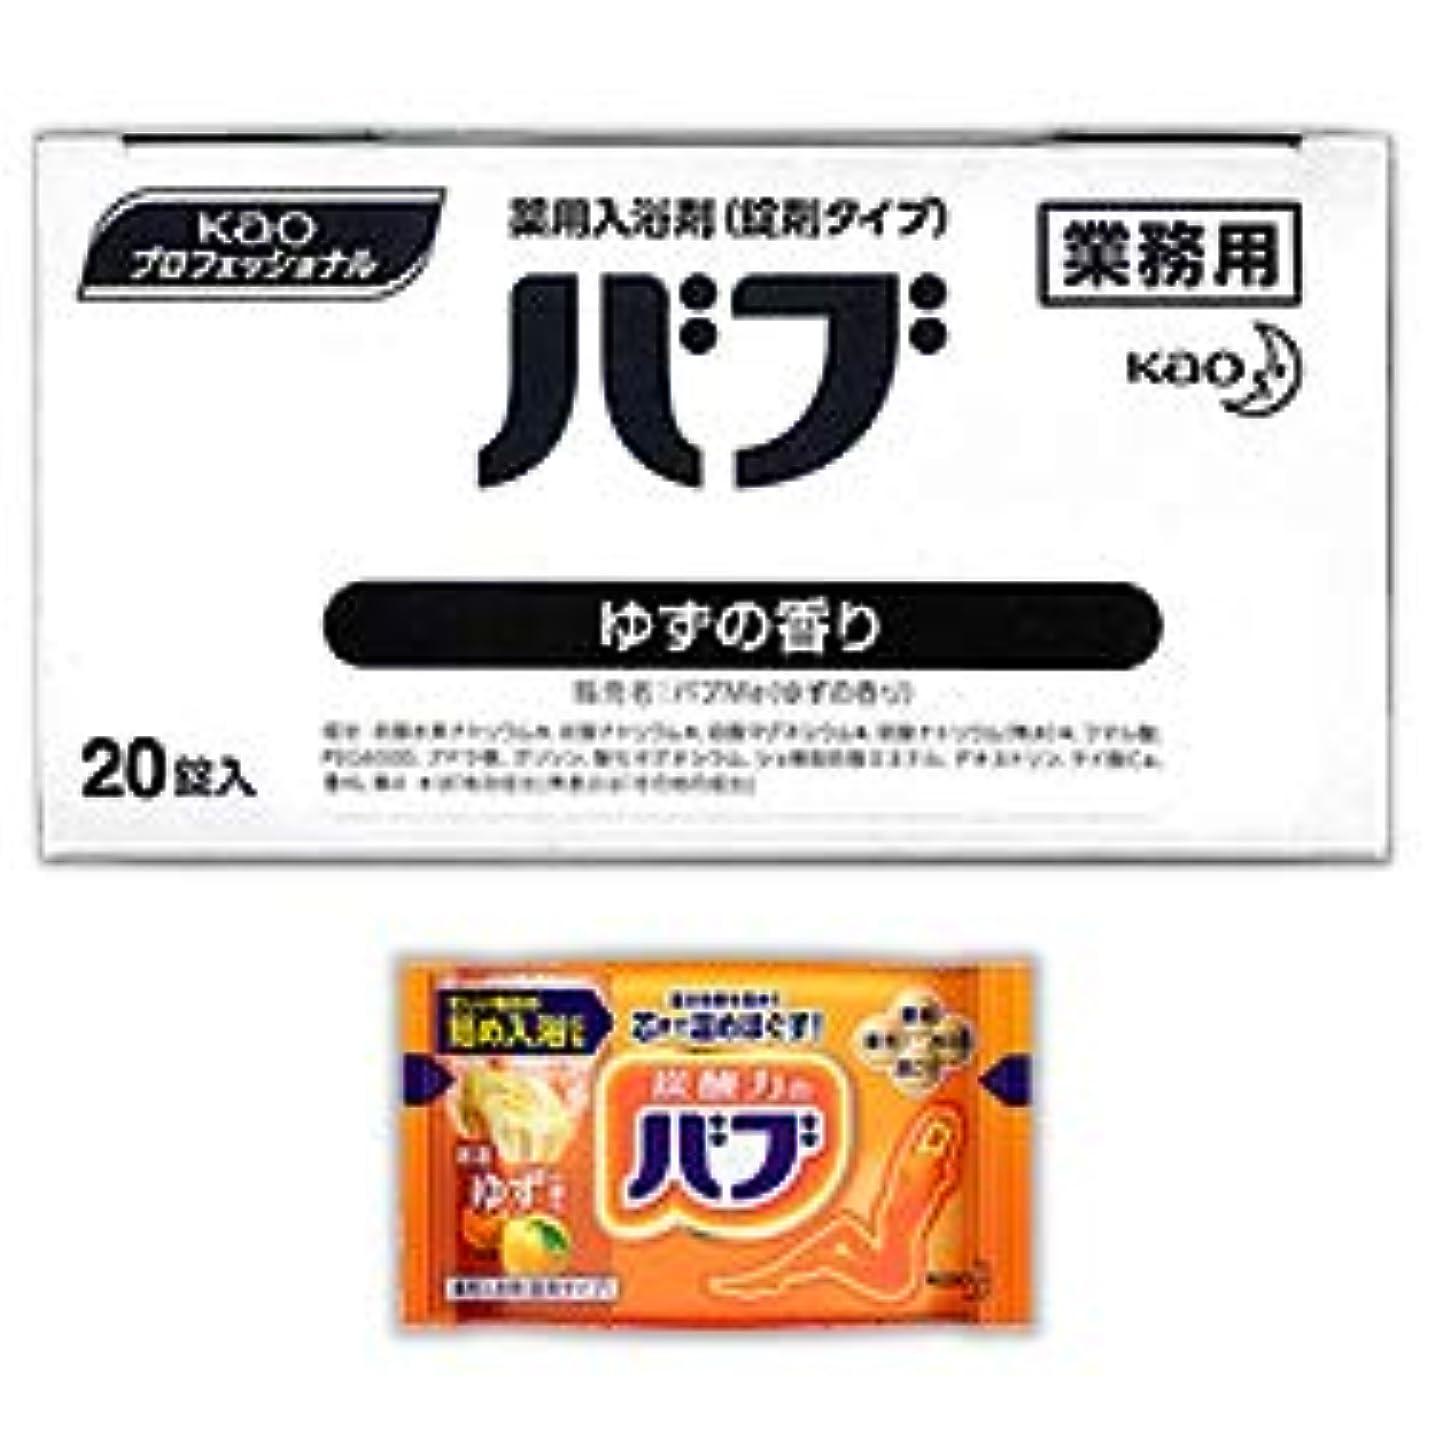 ハプニングペンス正当な【花王】Kaoプロフェッショナル バブ ゆずの香り(業務用) 40g×20錠入 ×5個セット